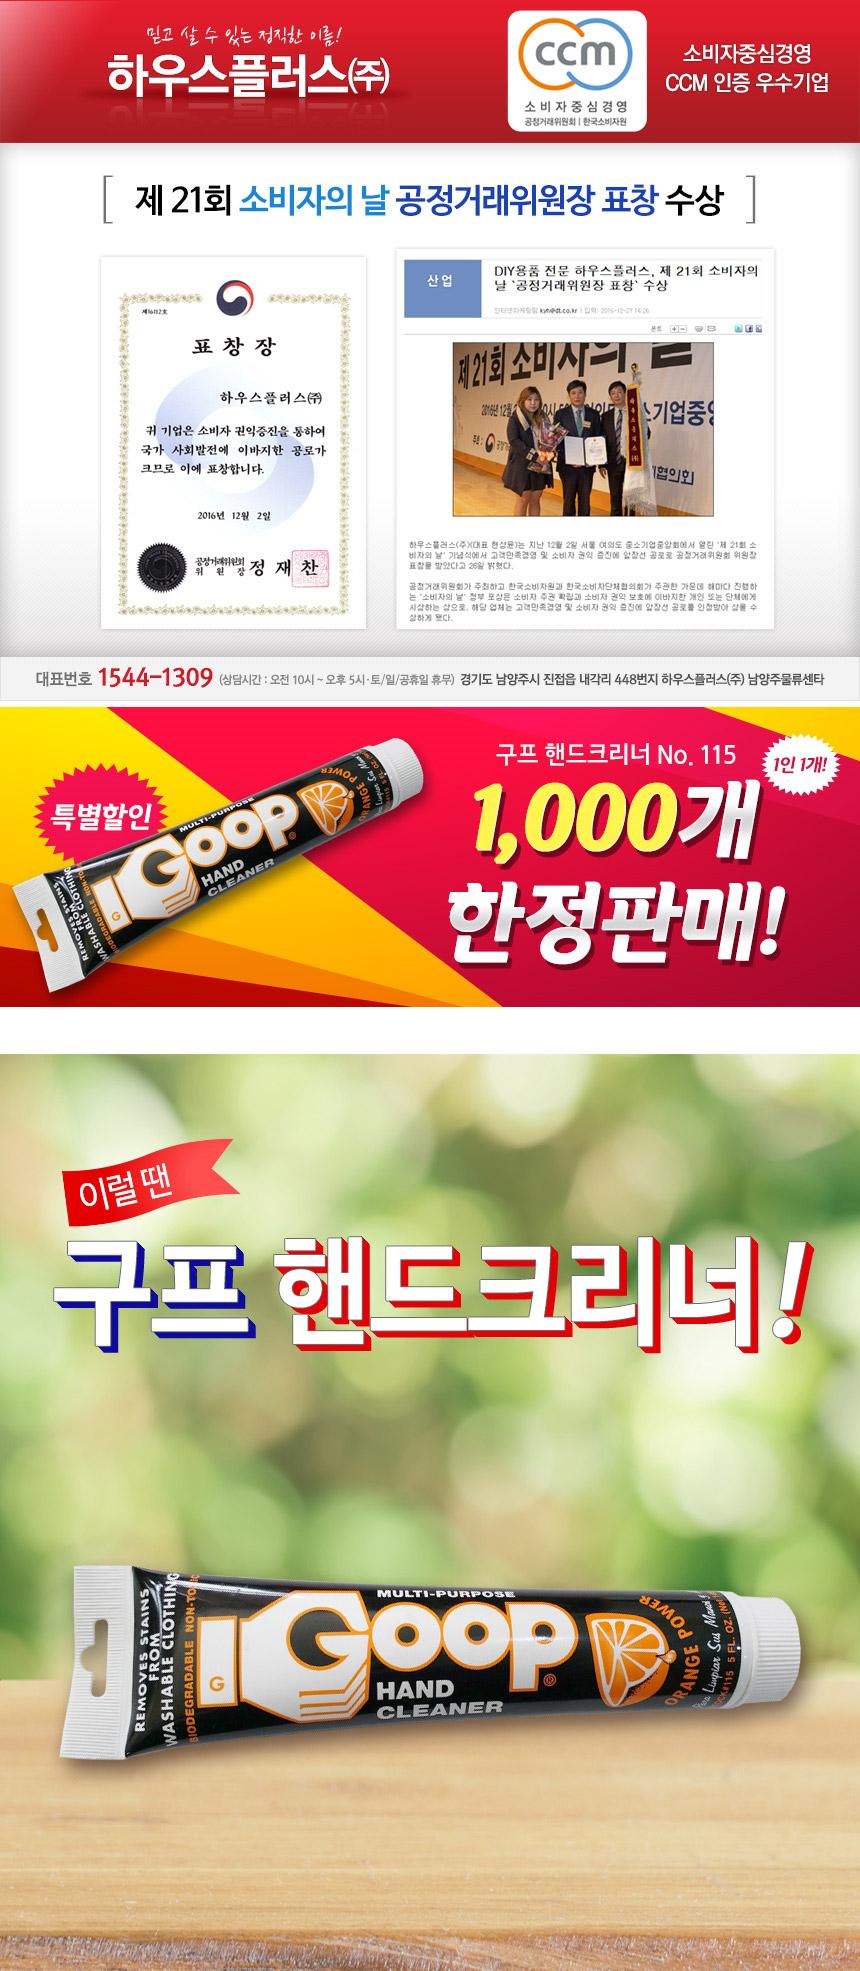 [생활]     [G마켓] 구프 핸드크리너 no.115 141g (990원/무료)